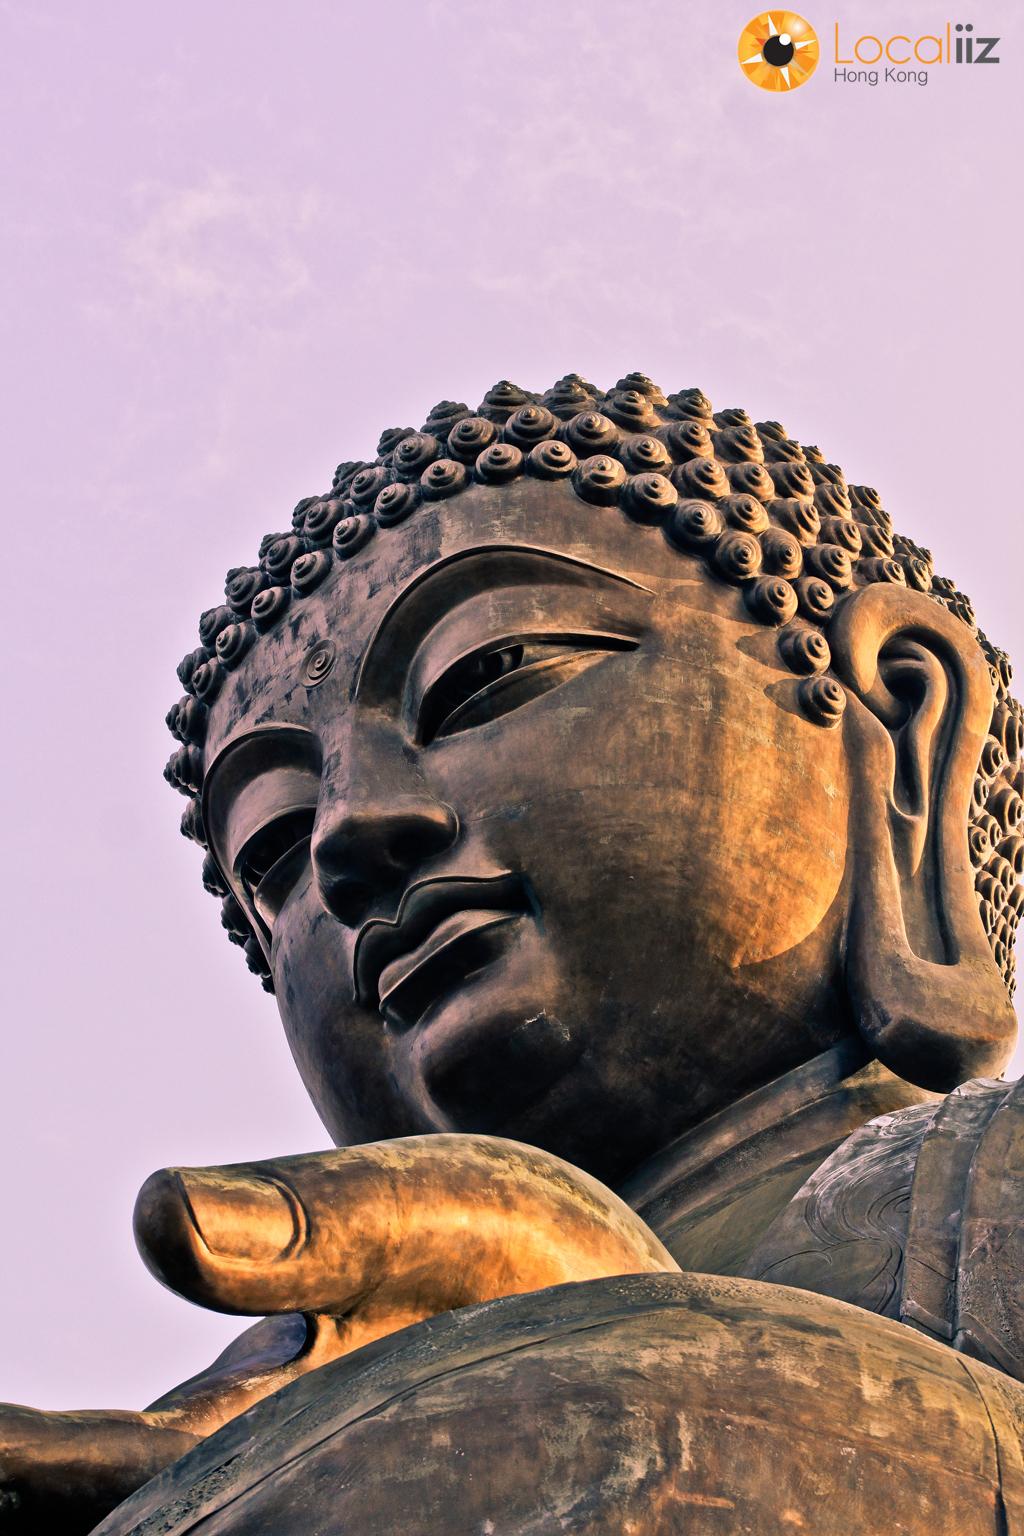 Big Buddha Hong Kong - Tian Tan by localiiz